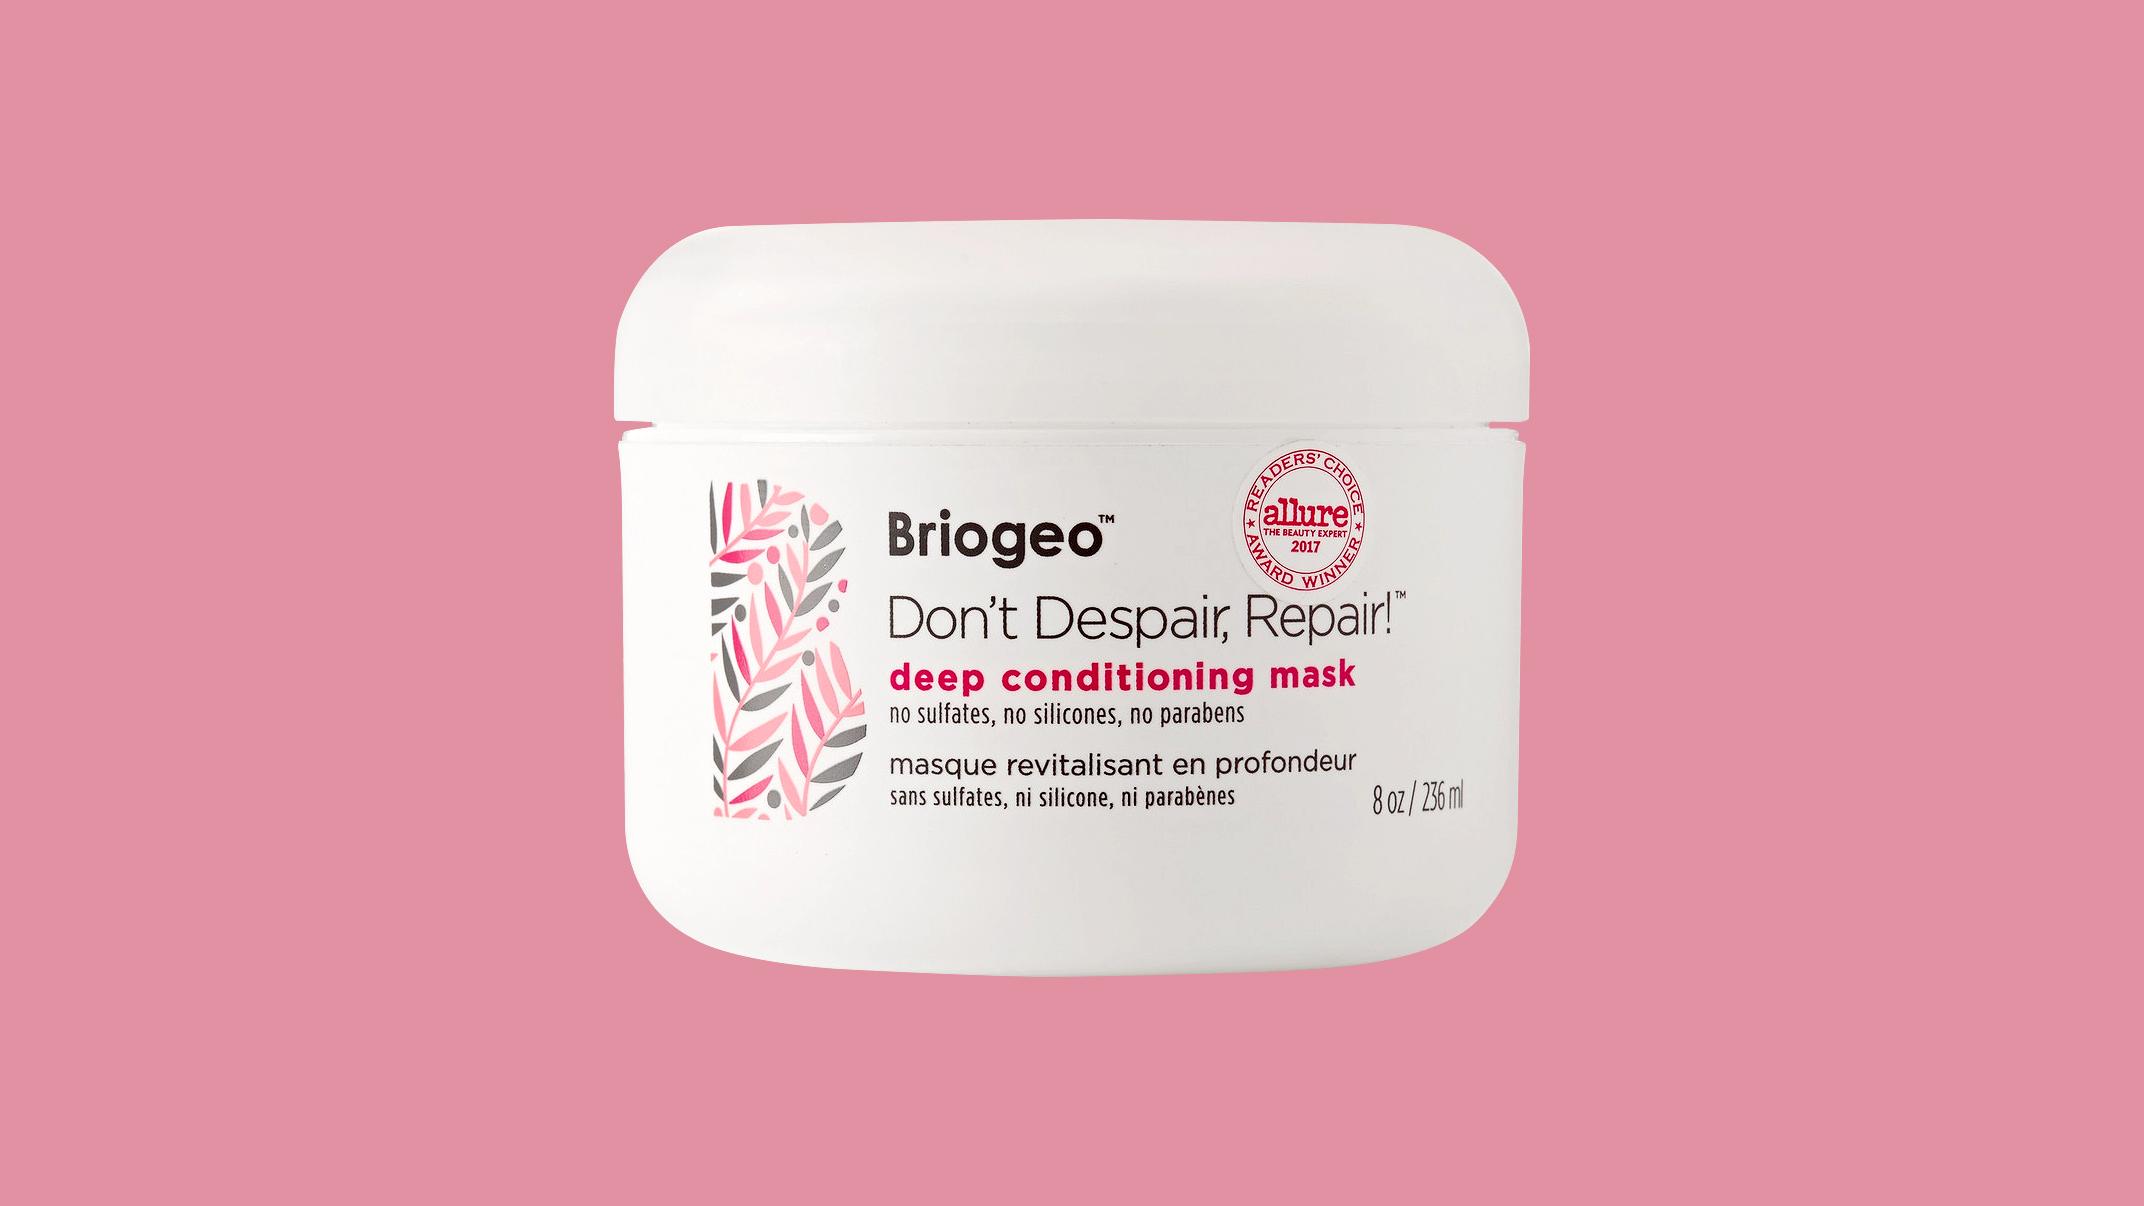 Briogeo Don't Despair, Repair! Deep Conditioning Mask